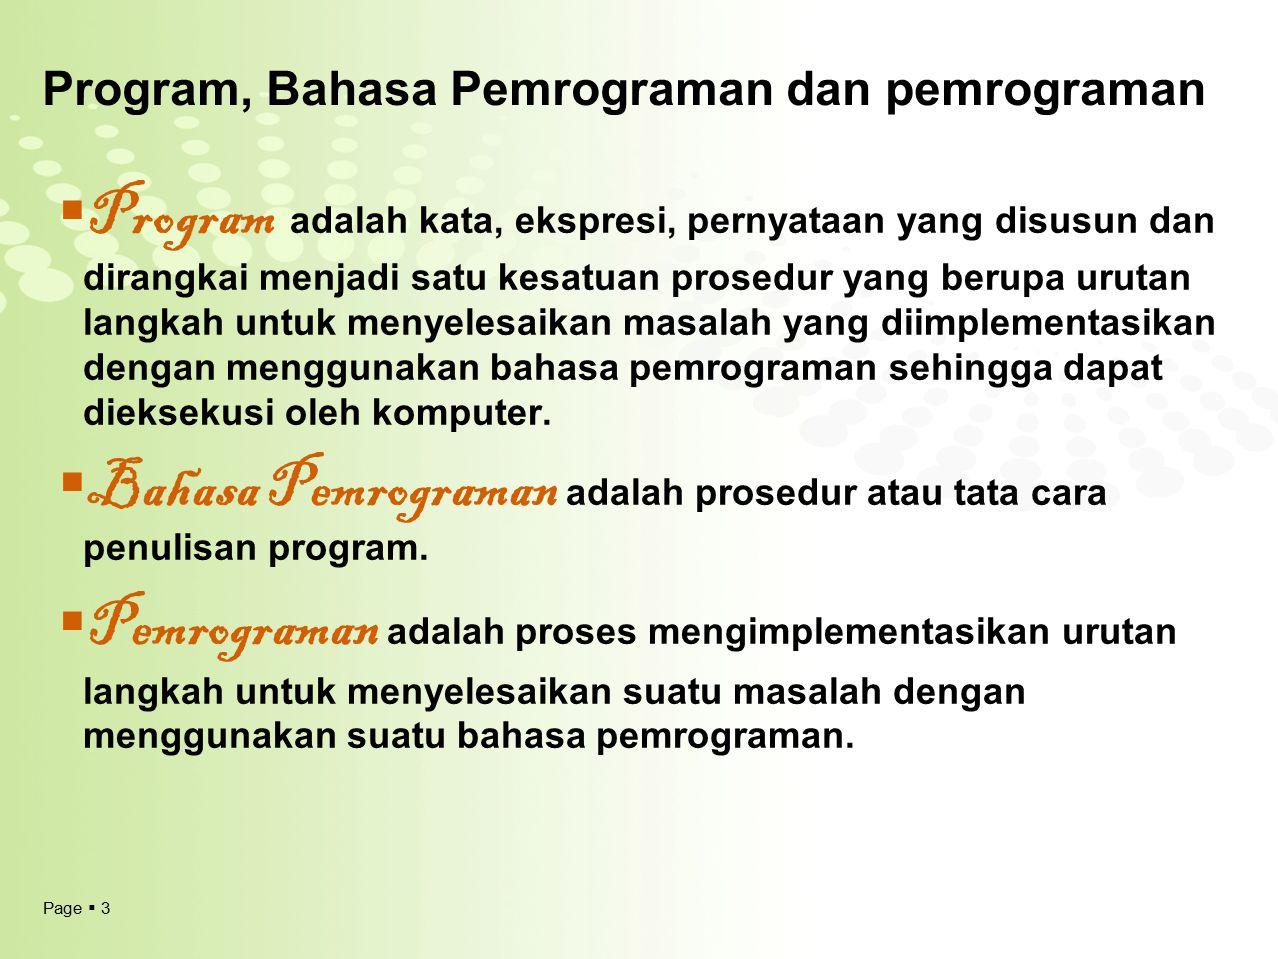 Program, Bahasa Pemrograman dan pemrograman